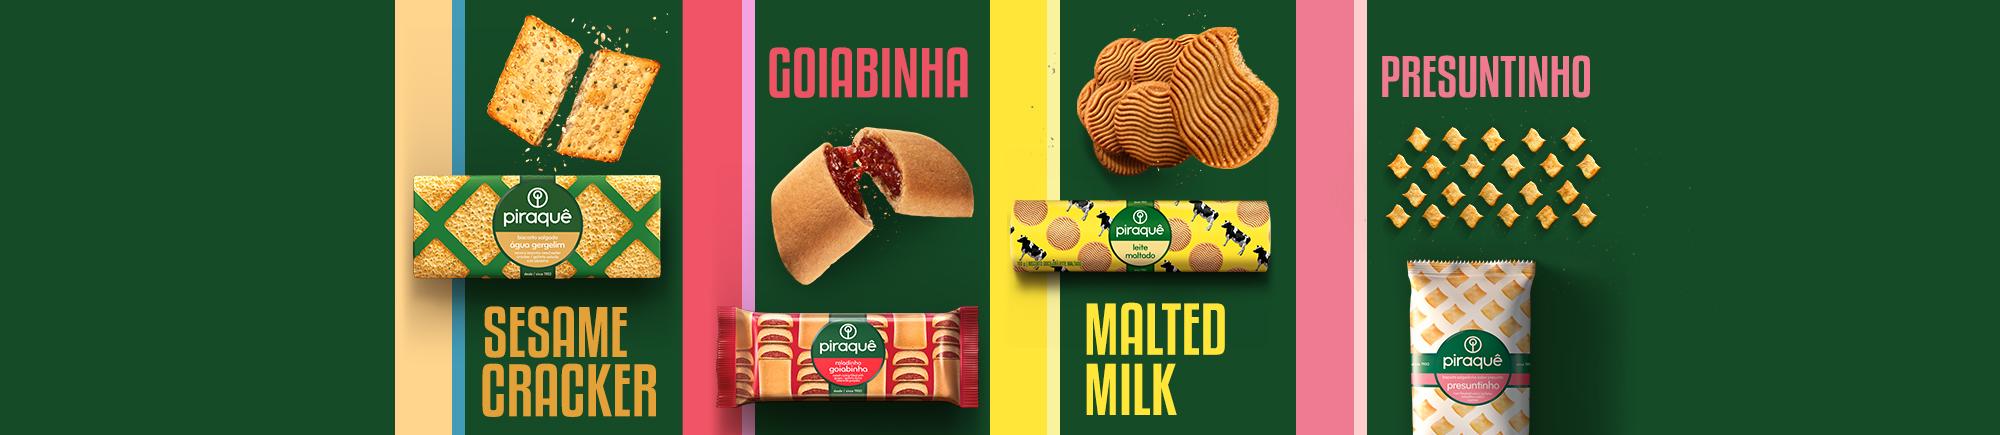 Piraquê Products